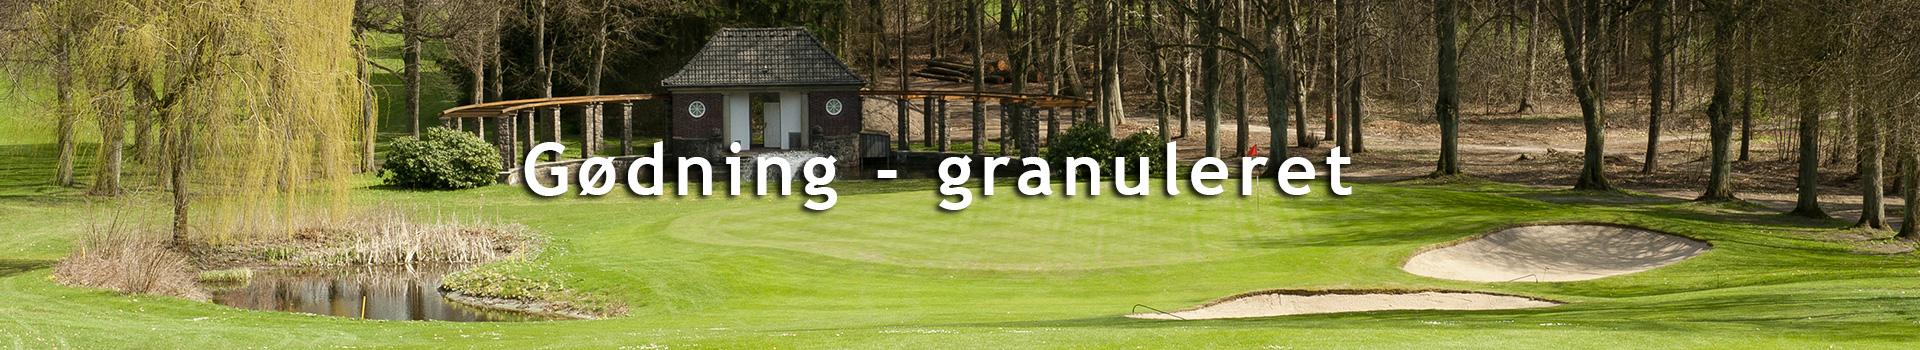 Kategoribillede_Goedning_granuleret_DK